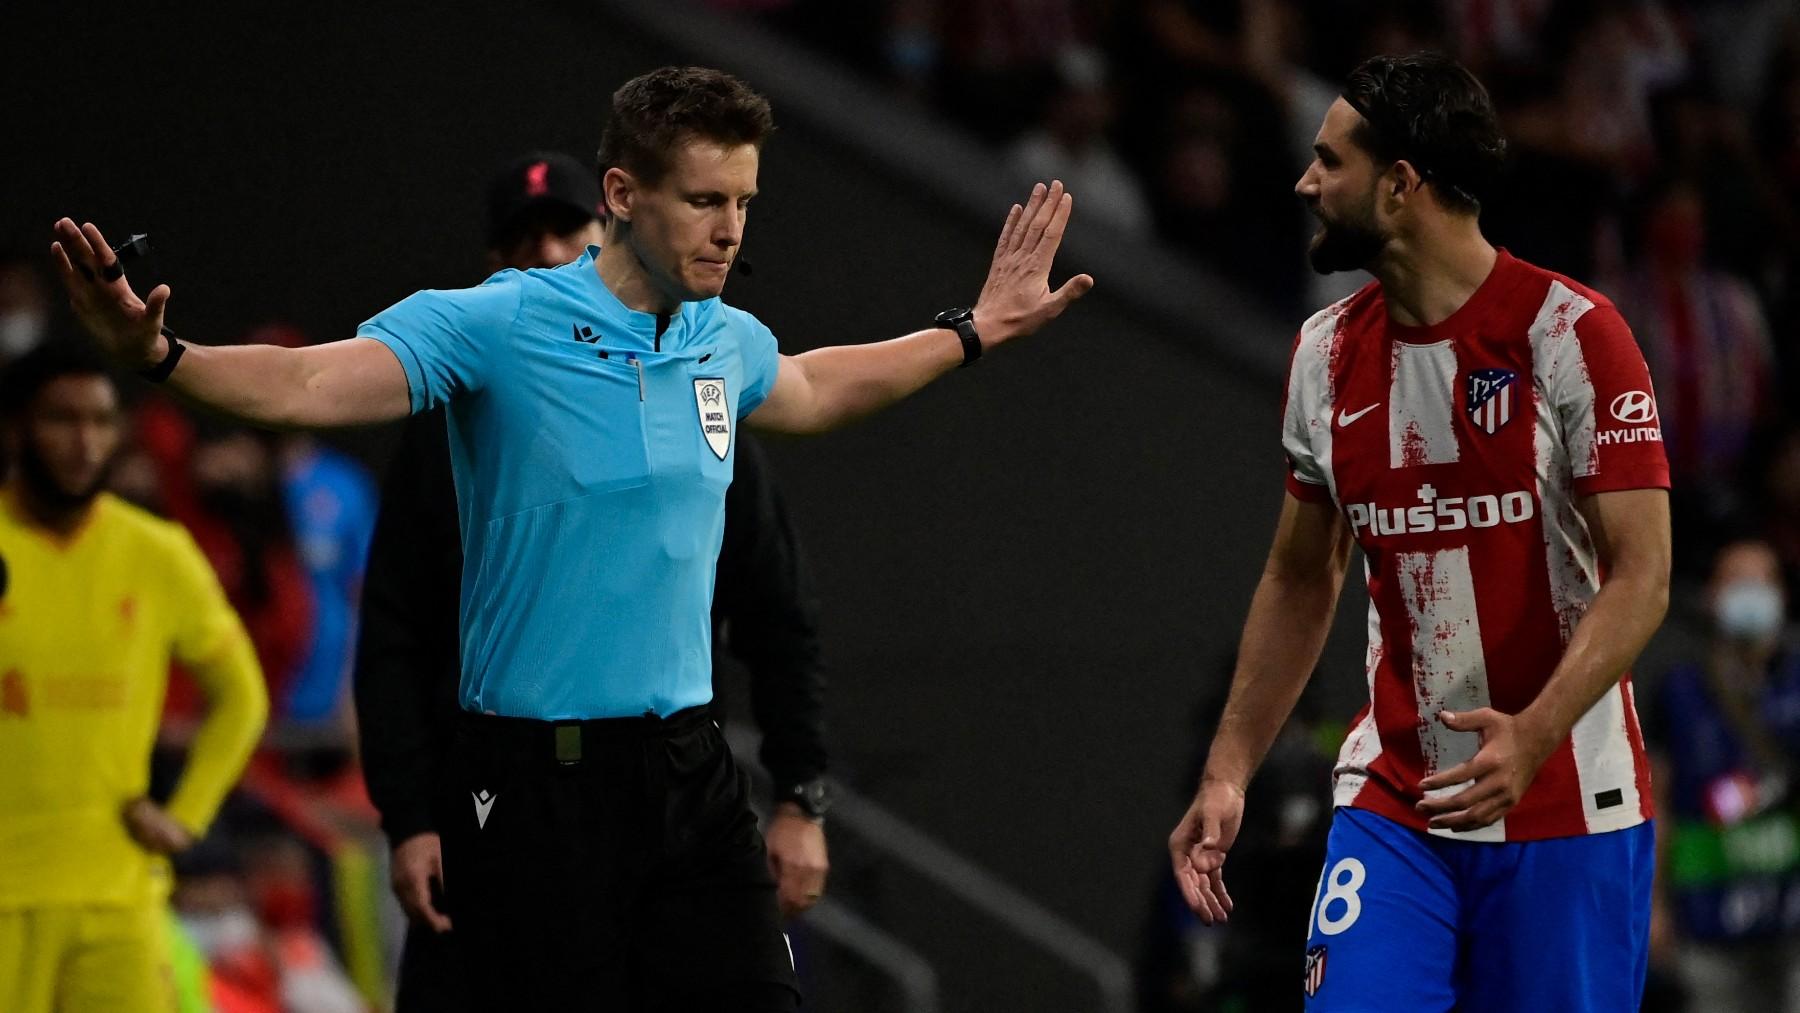 El árbitro Siebert, en el duelo de Champions entre el Liverpool y el Atlético. (AFP)